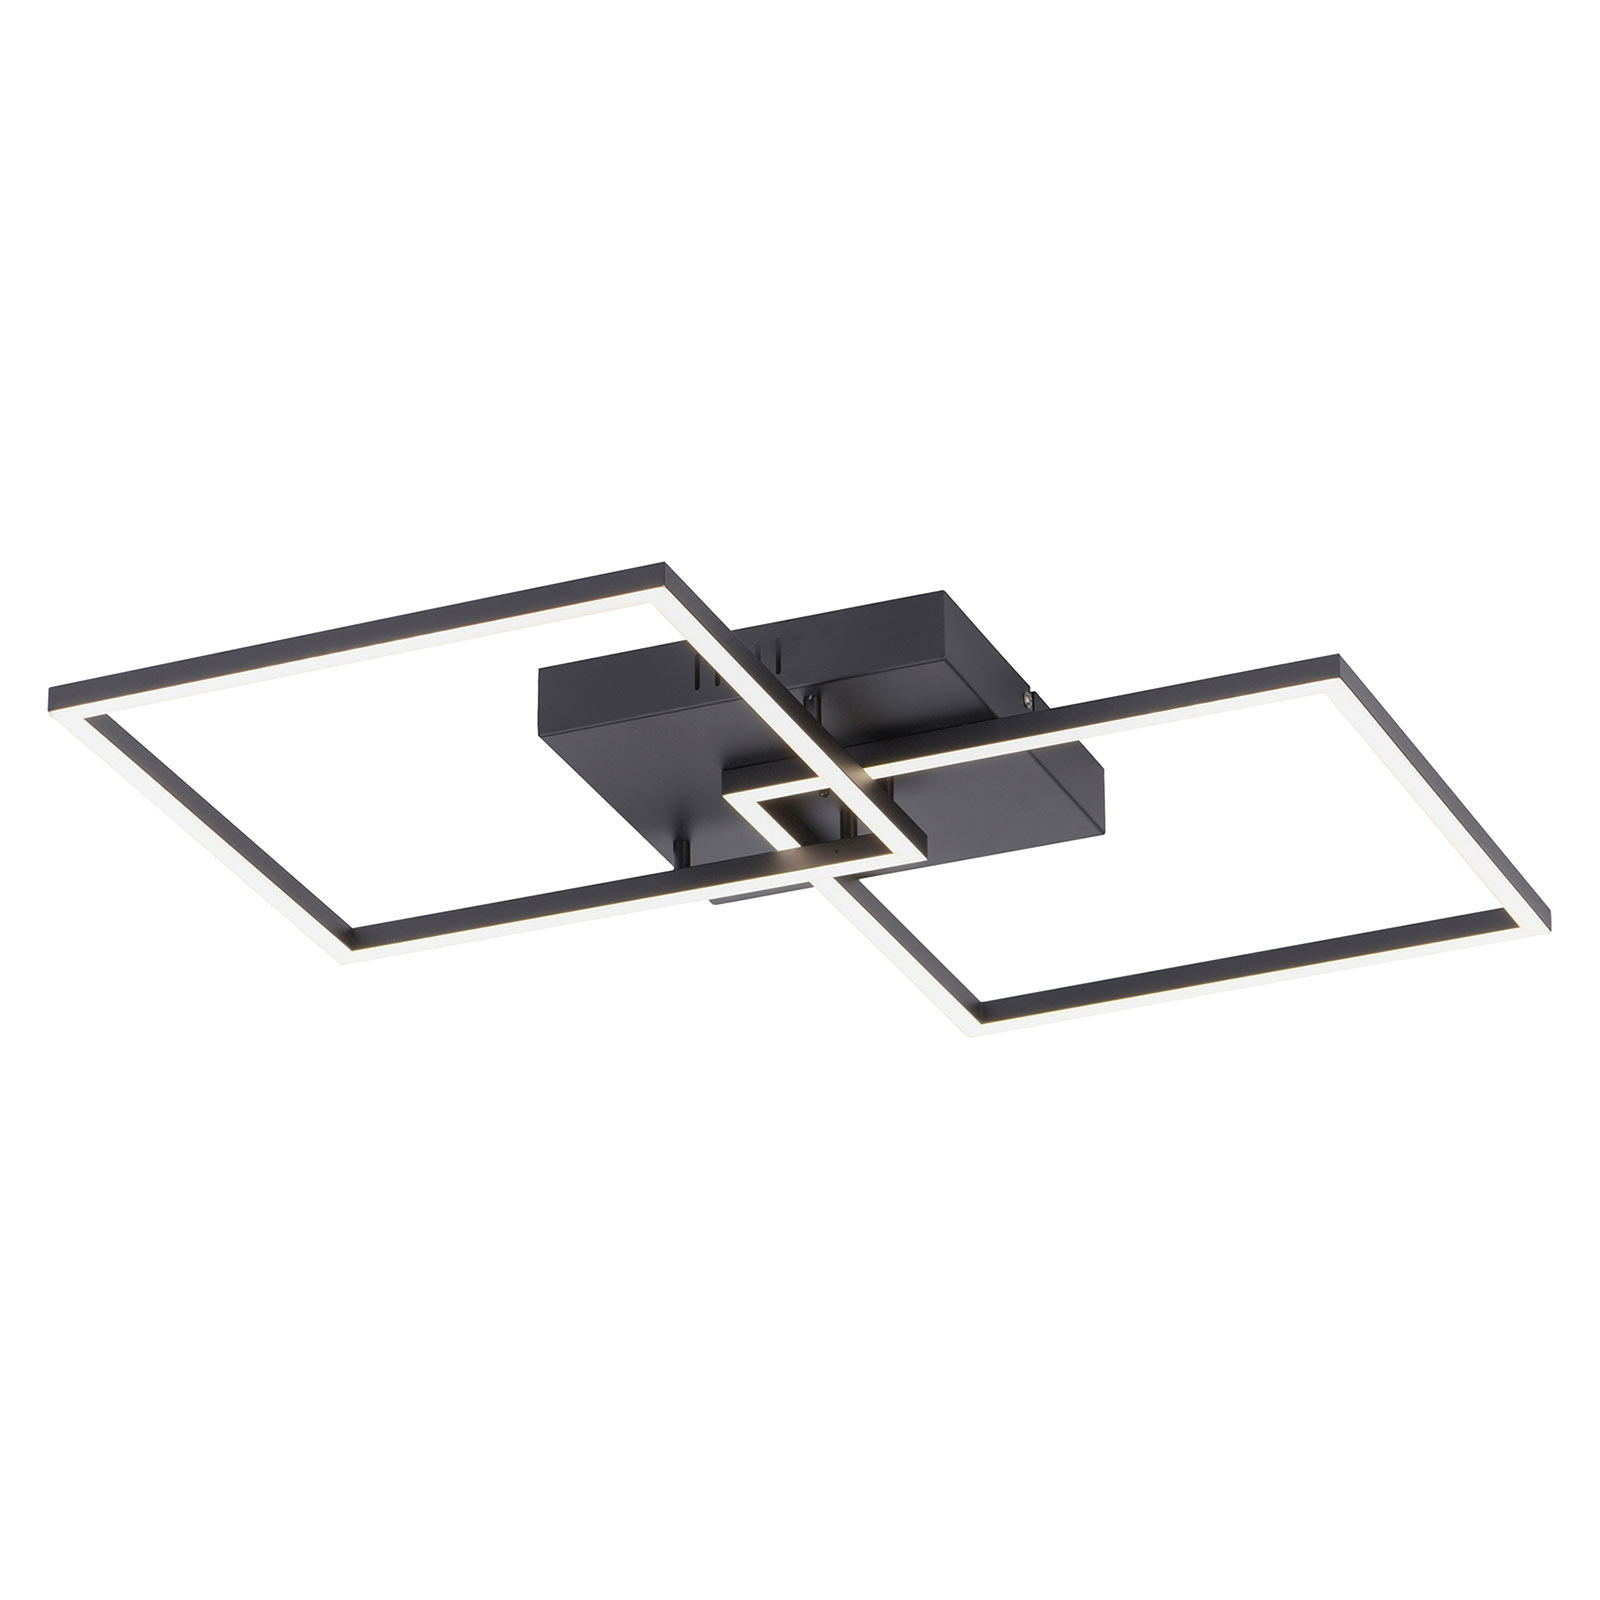 LED-Deckenleuchte Iven, schwarz 2-flammig Quadrat